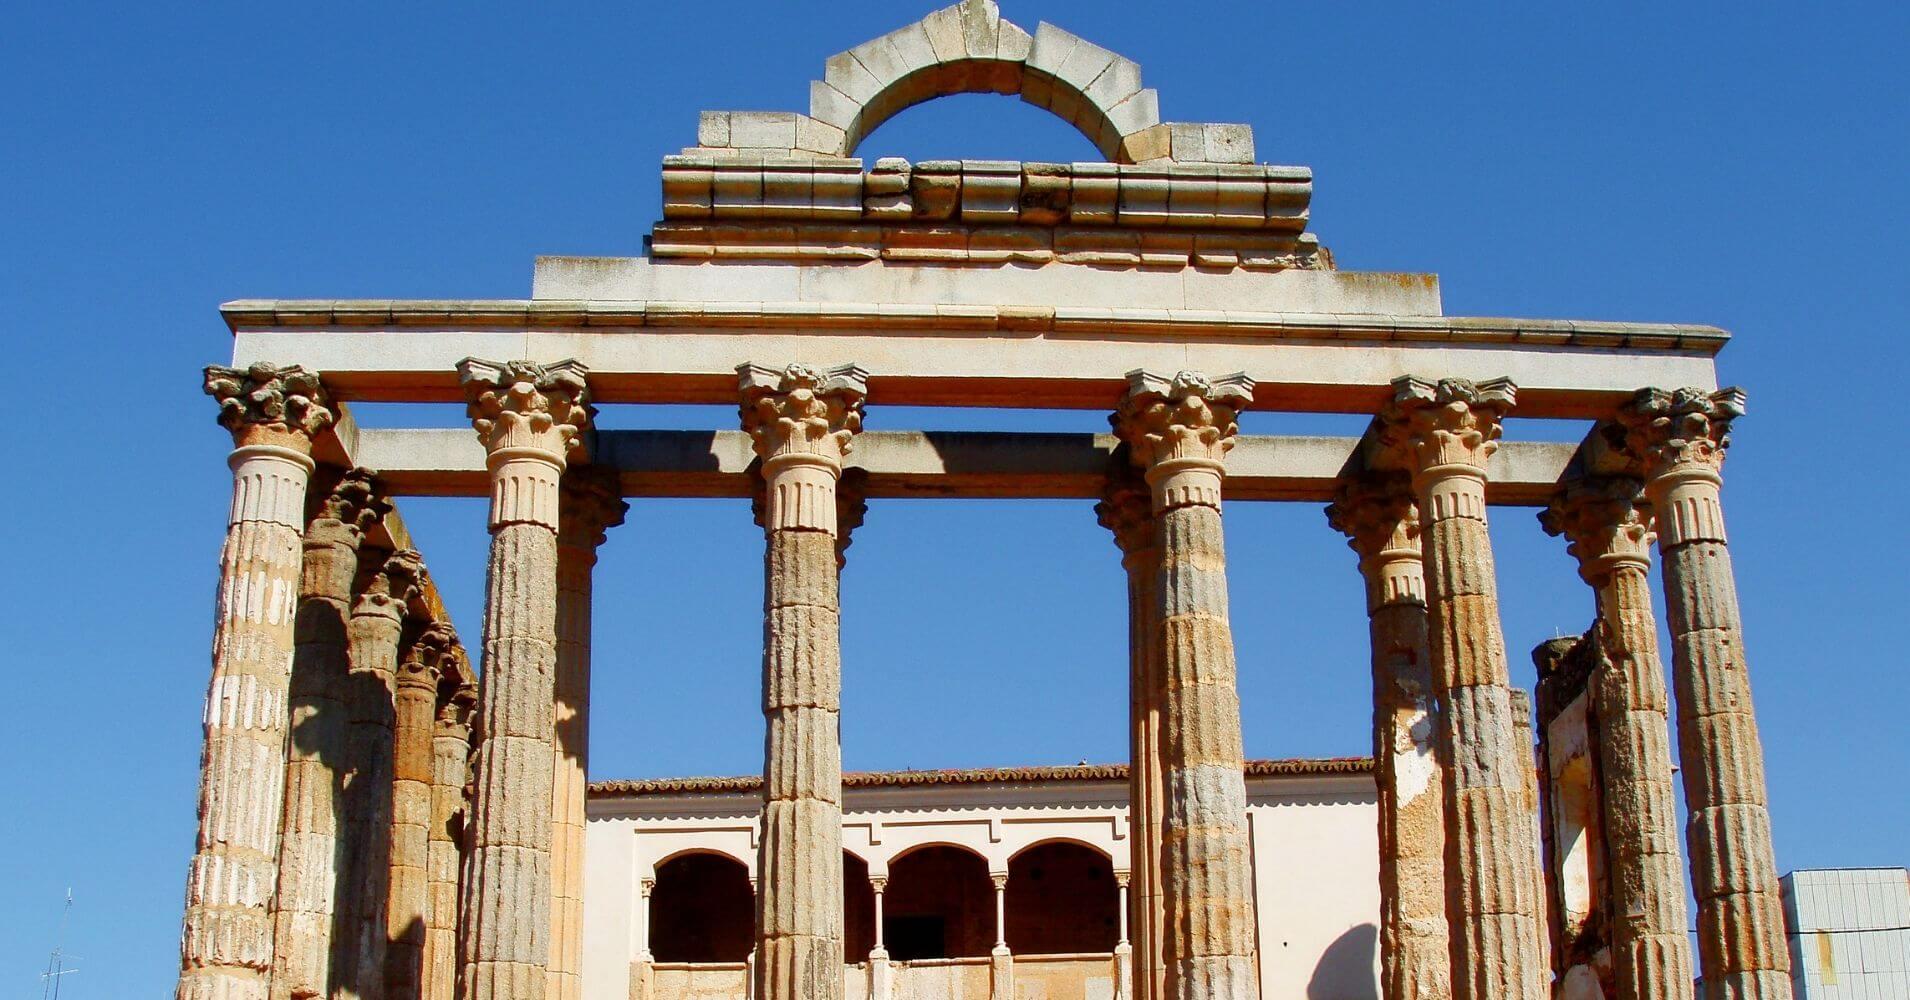 Viajar a España. Templo de Diana. Mérida, Badajoz. Extremadura.